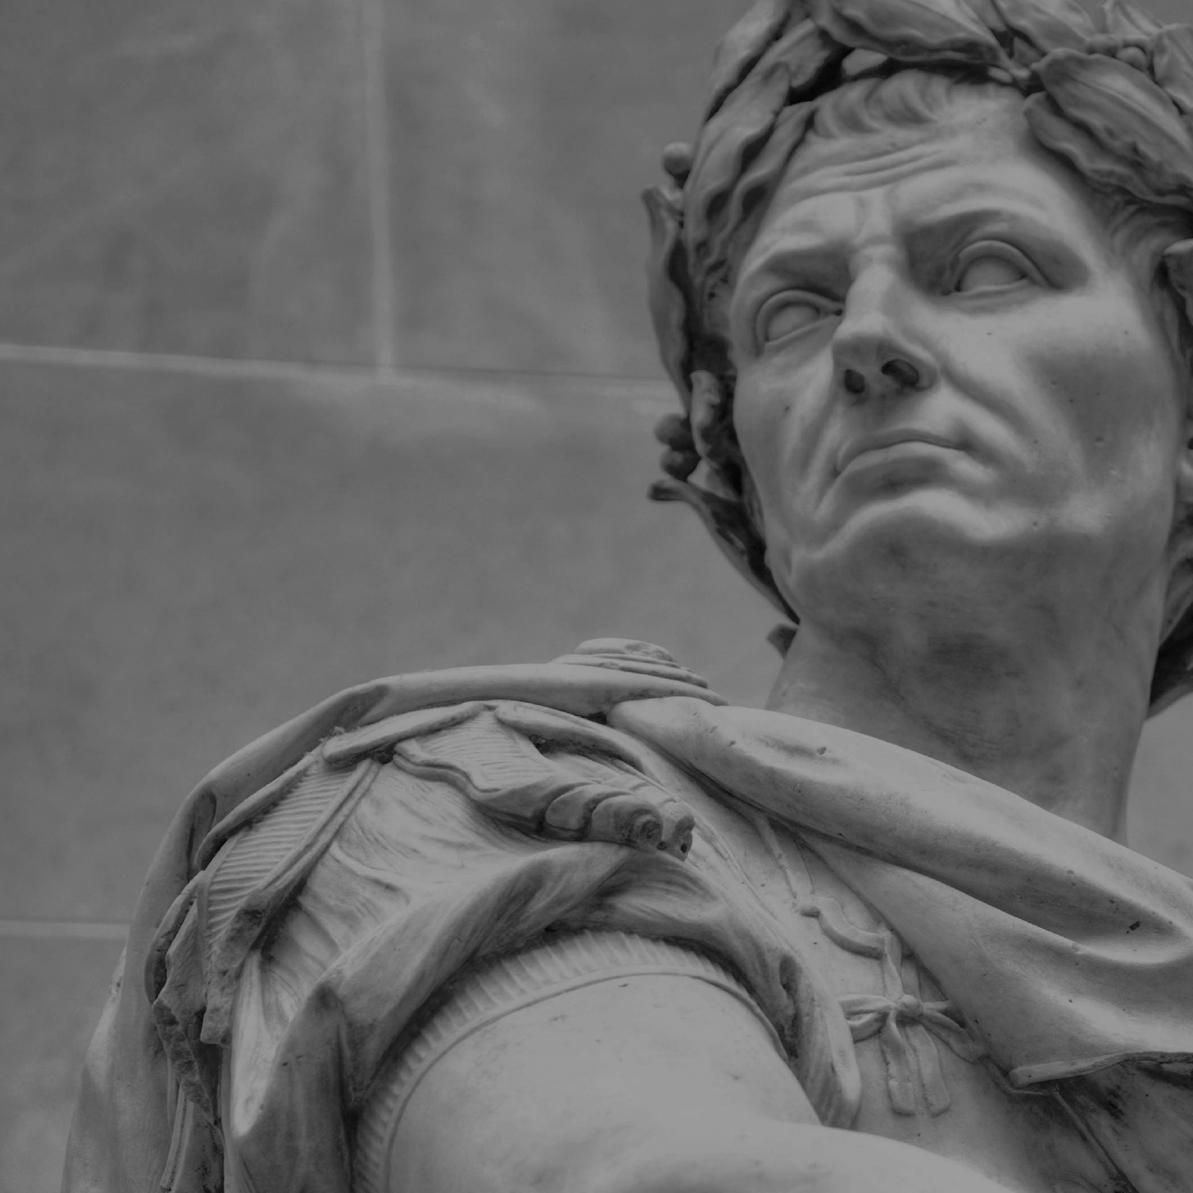 Ludzie boją  się być przywódcami – wywiad z Piotrem Ciackiem